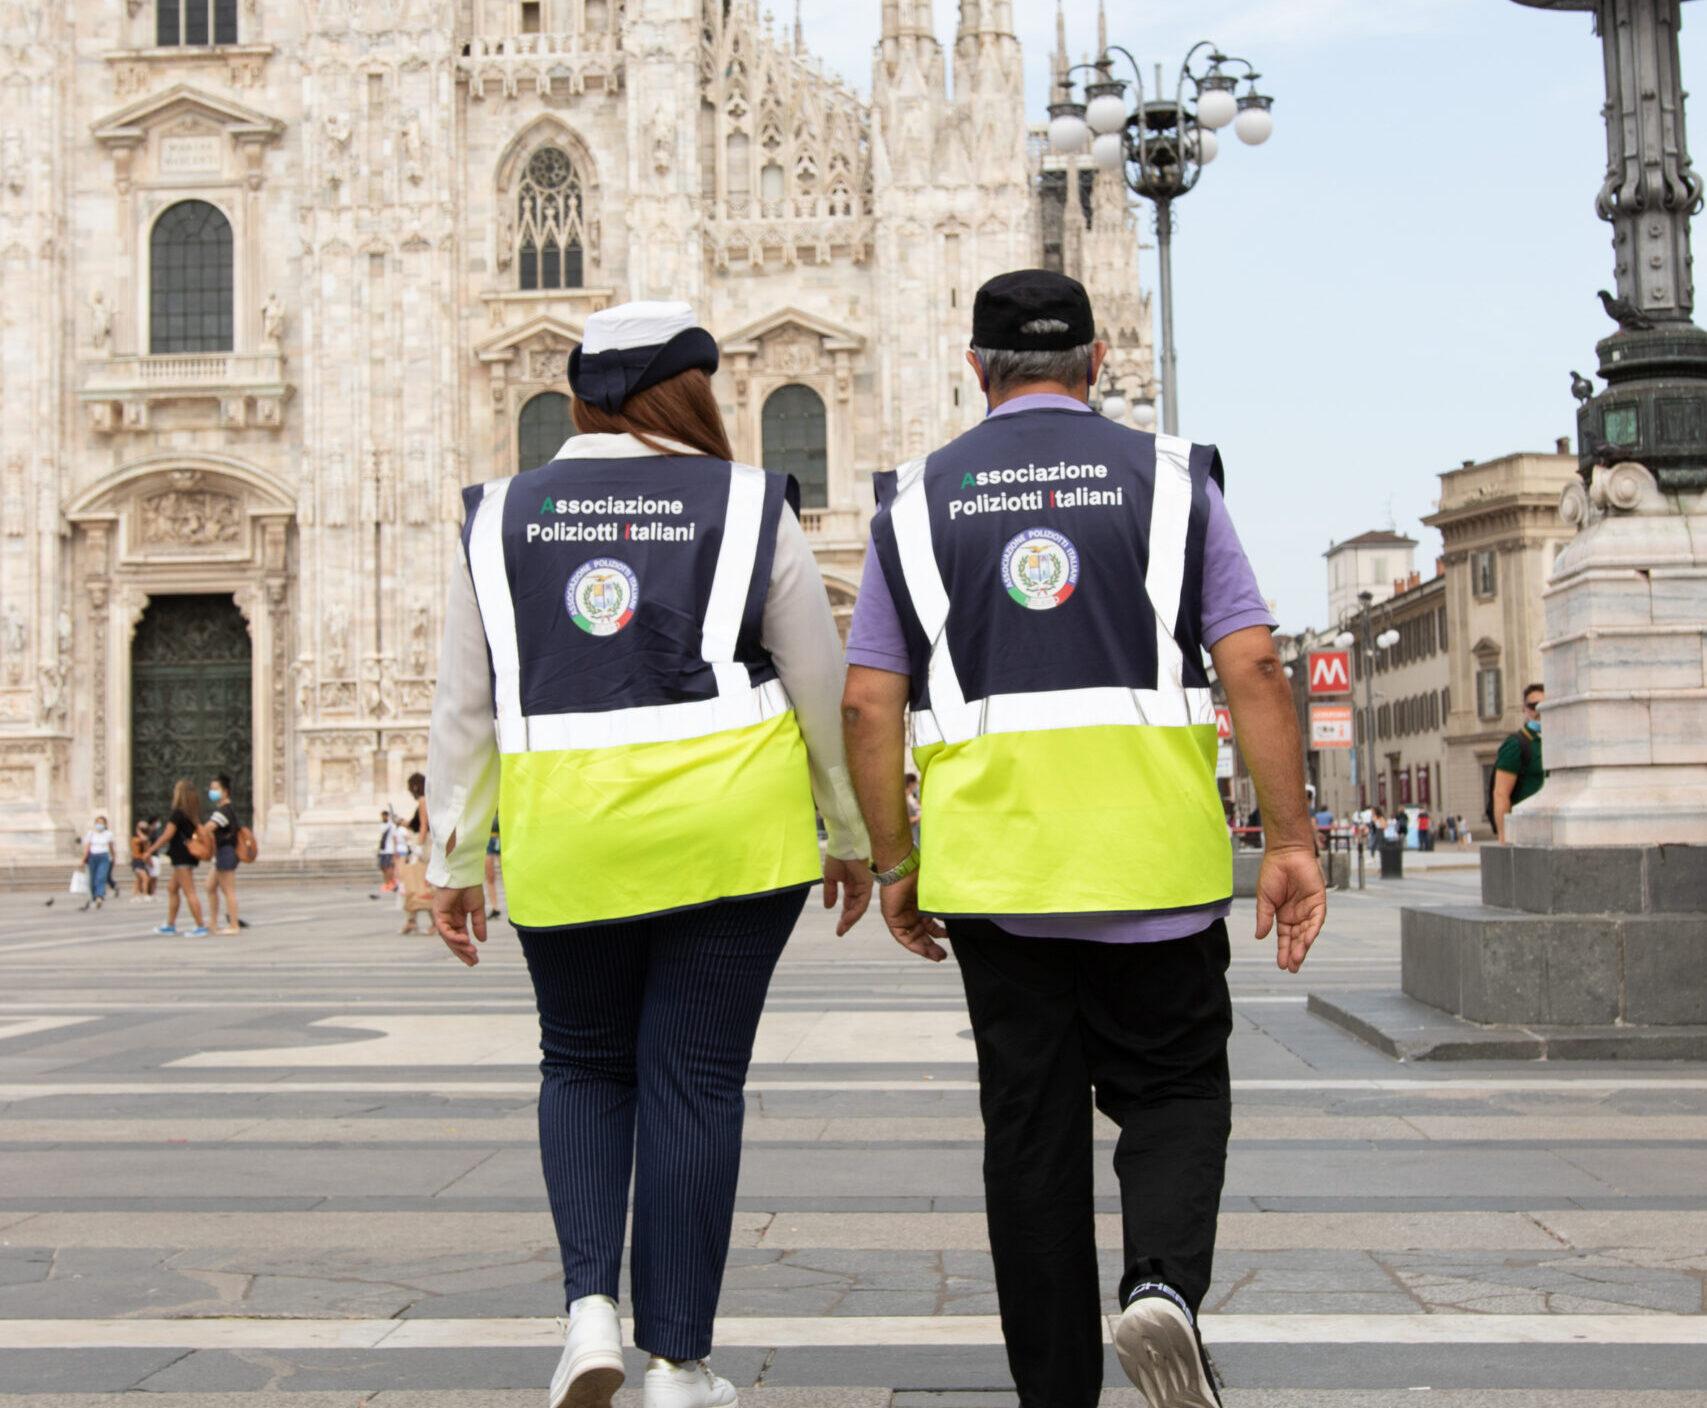 volontari associazione poliziotti italiani progettare il futuro 2020